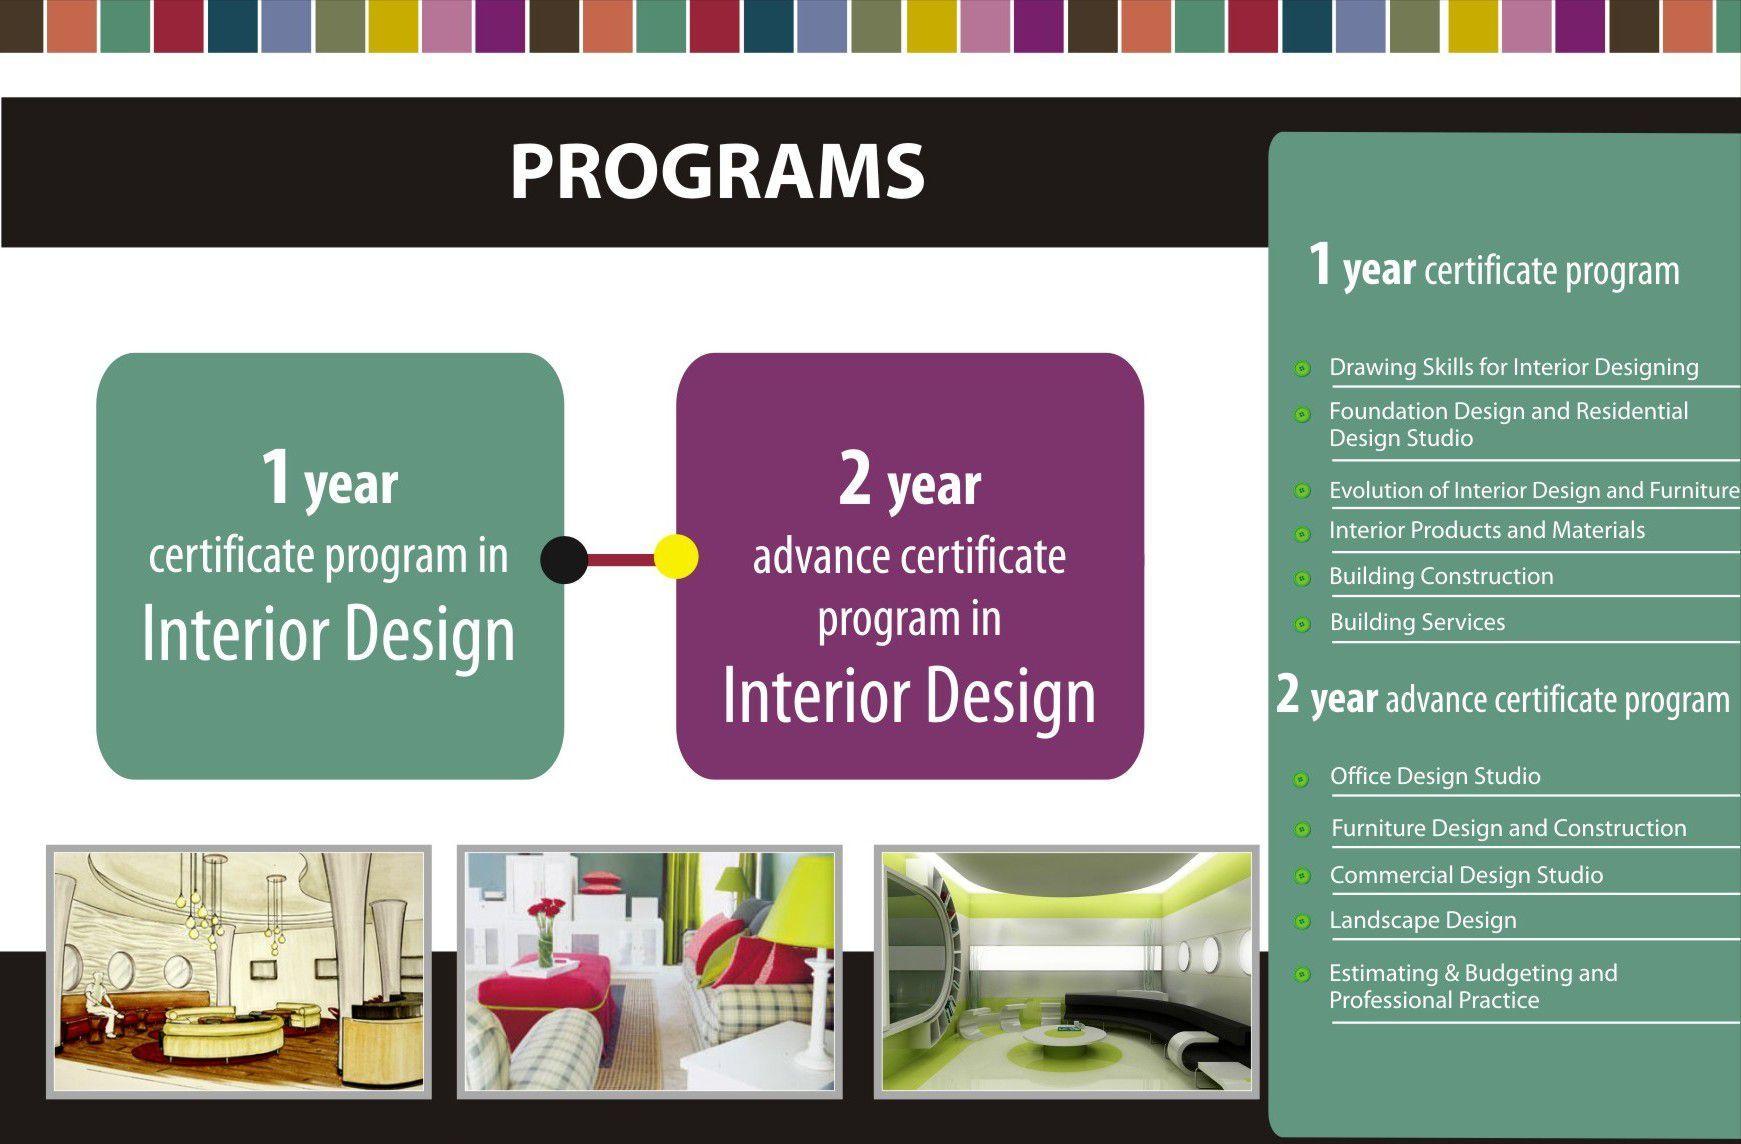 Interior design certificate programs httpgandum064426 interior design certificate programs httpgandum064426interior xflitez Images